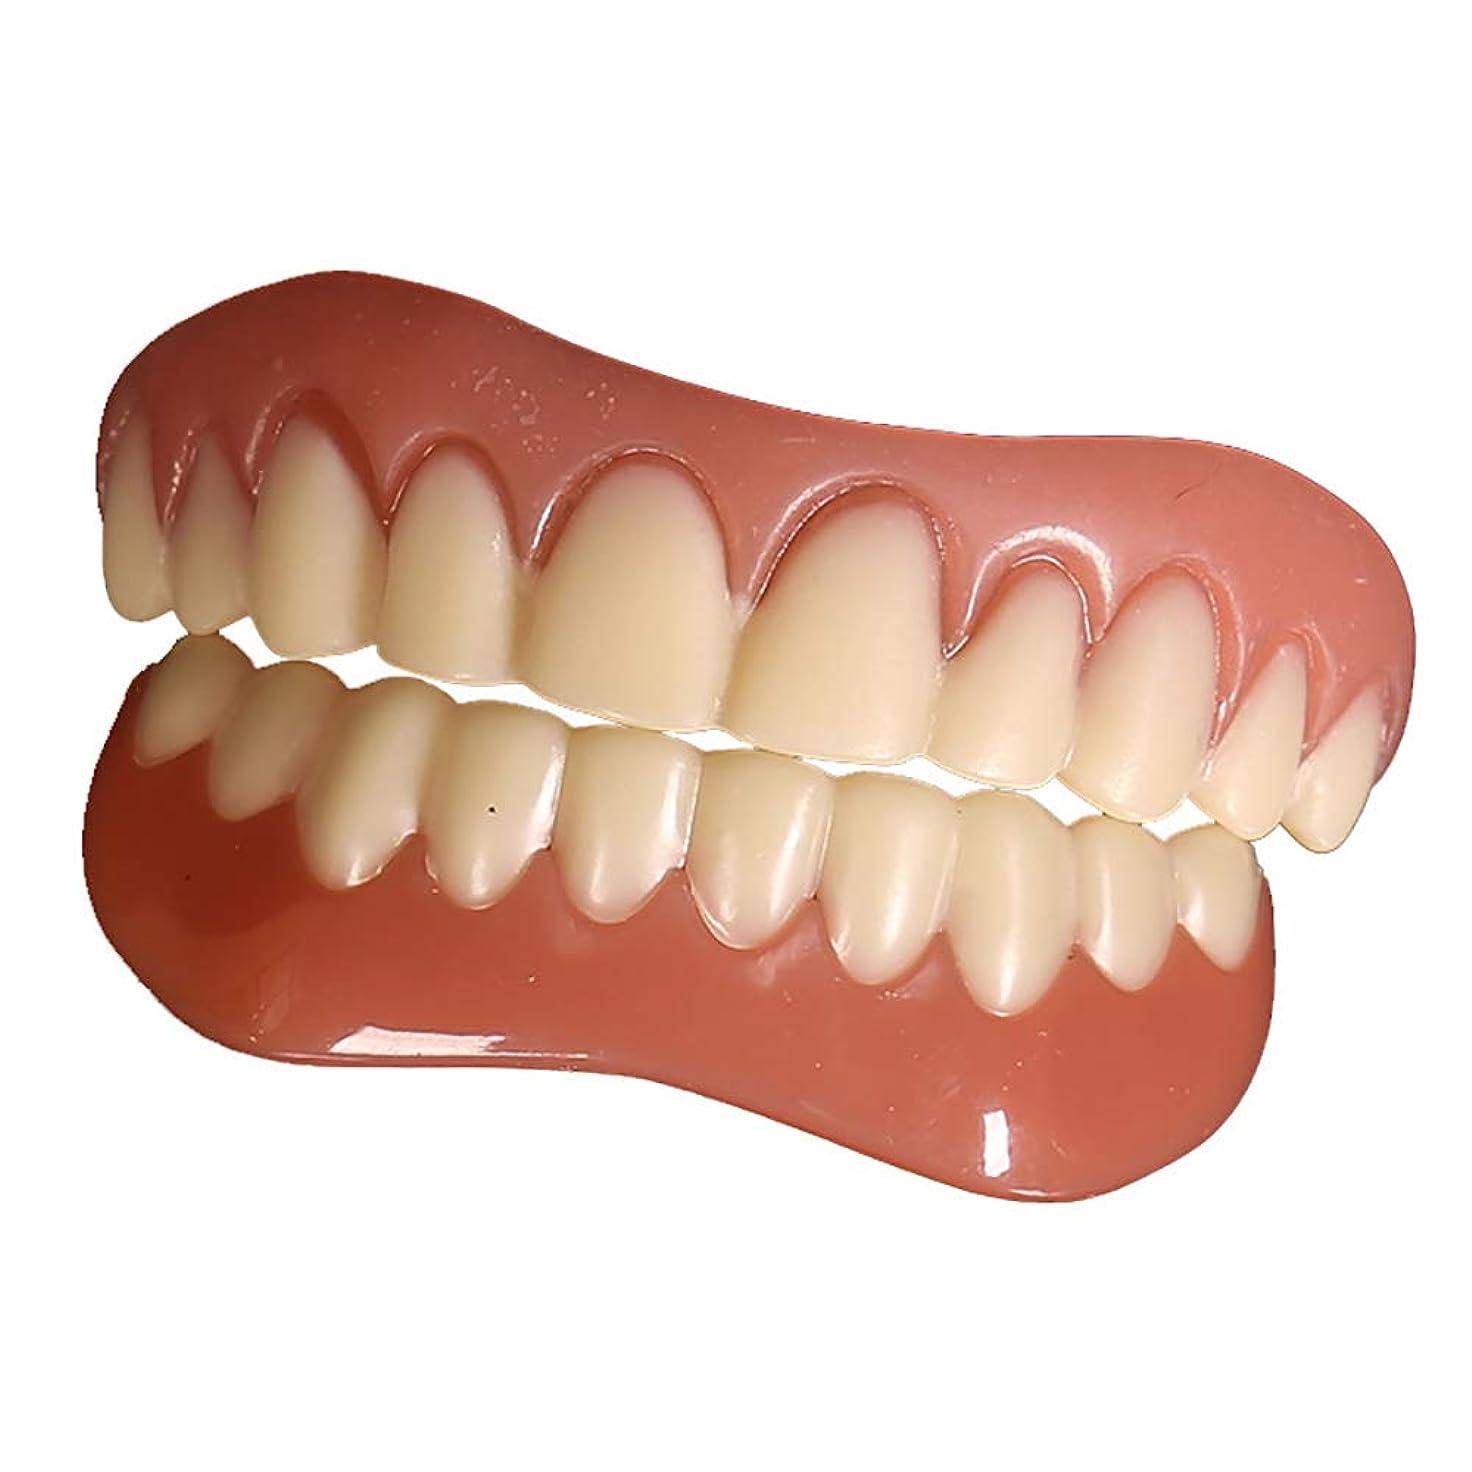 成功するミケランジェロ用量パーフェクトインスタントスマイルティースベニヤインスタントビューティー2本入れ歯2本下歯(フリーサイズ(中))